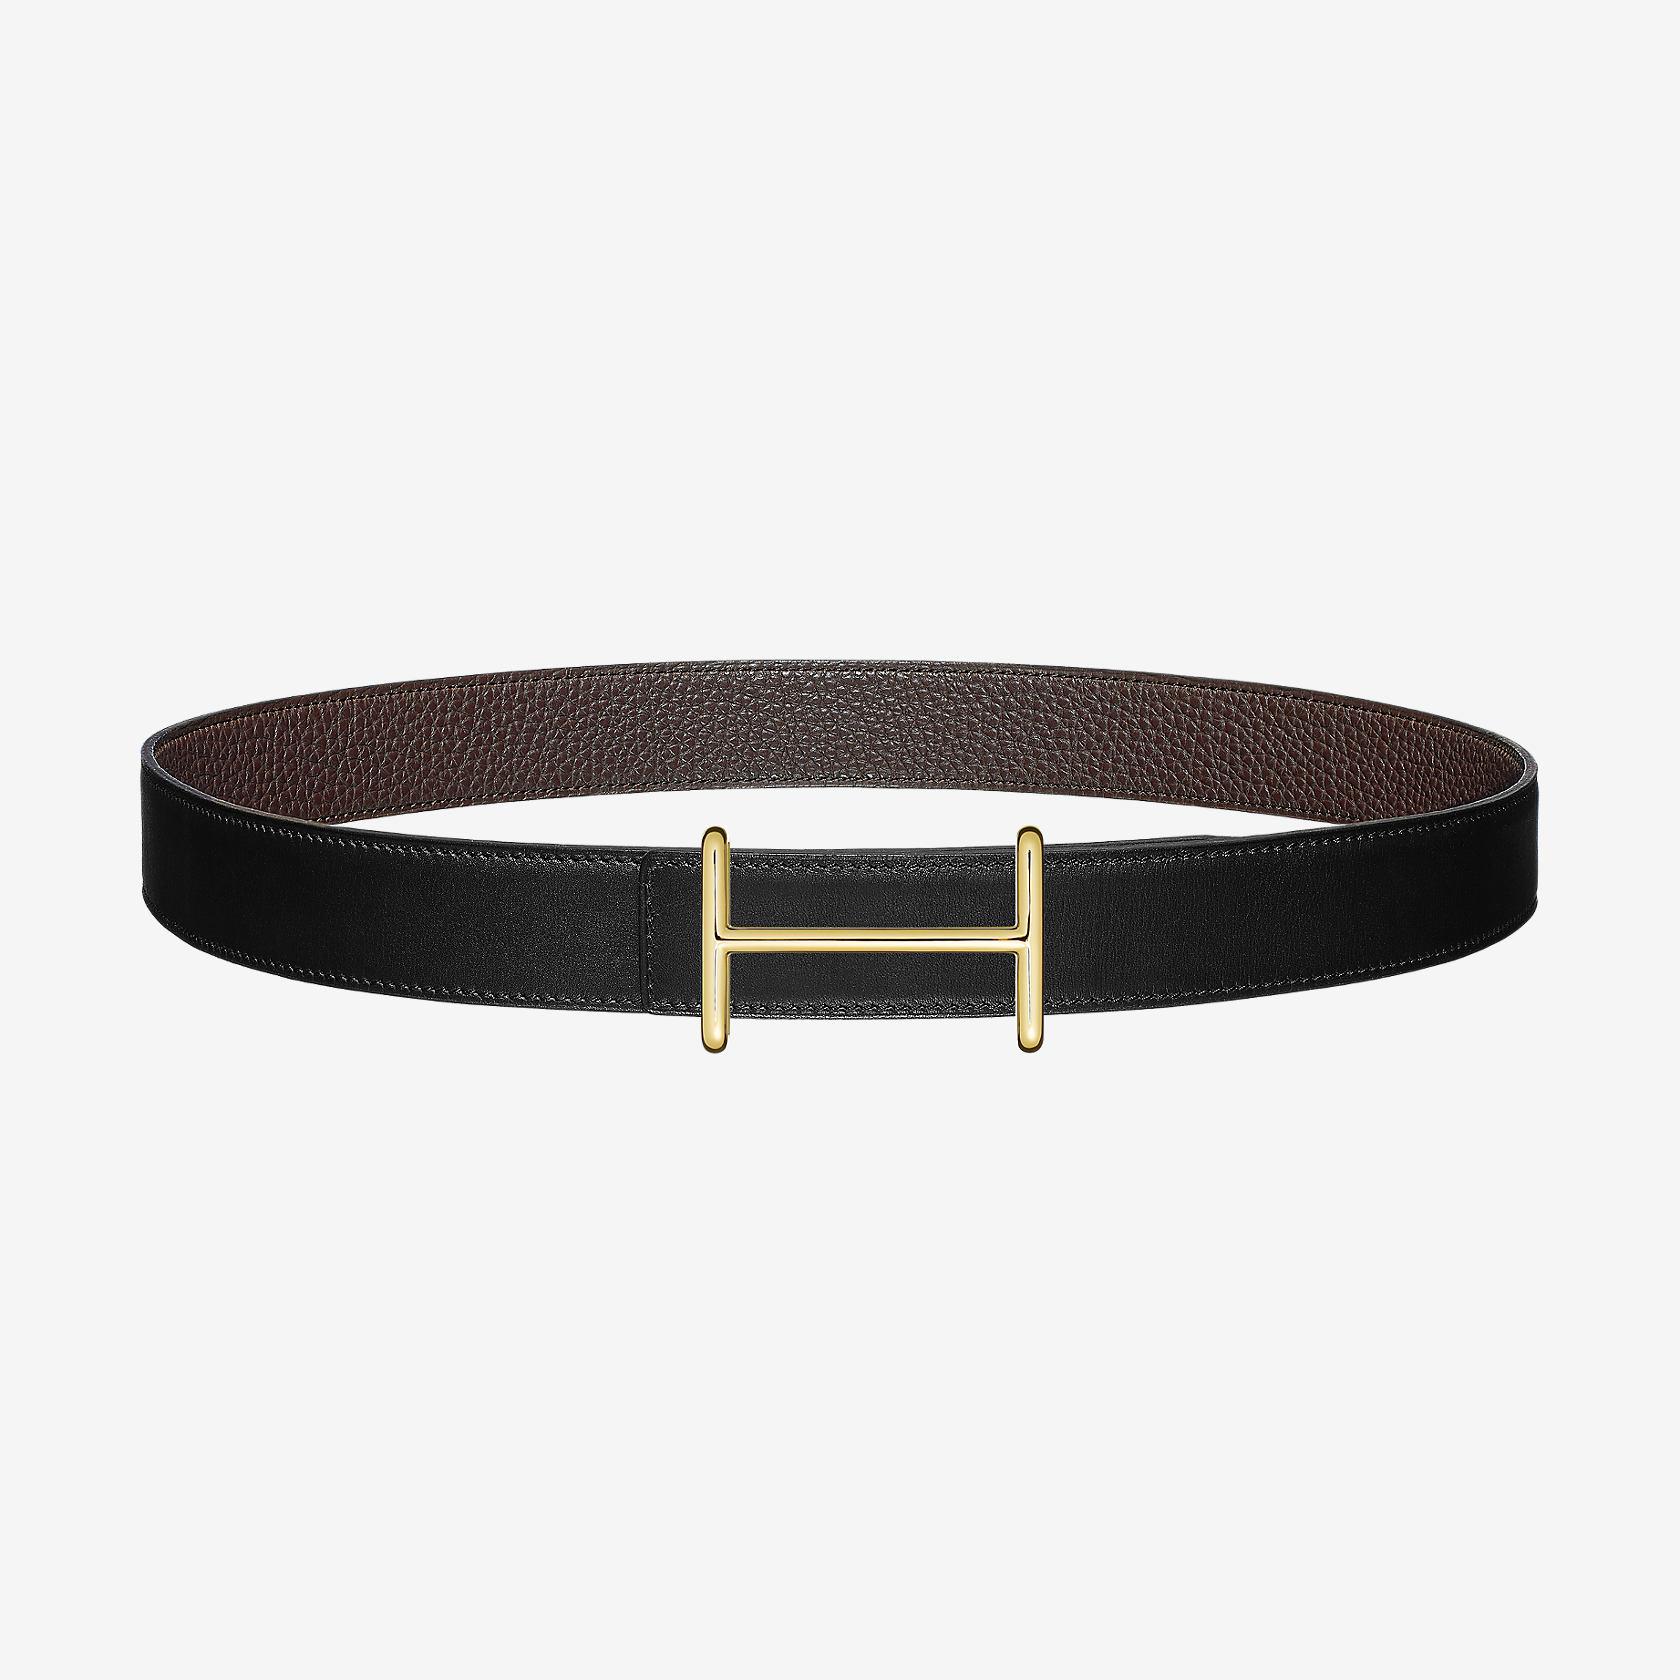 Boucle de ceinture Idem   Cuir de ceinture réversible 32 mm   Hermès 3aacd60e49a